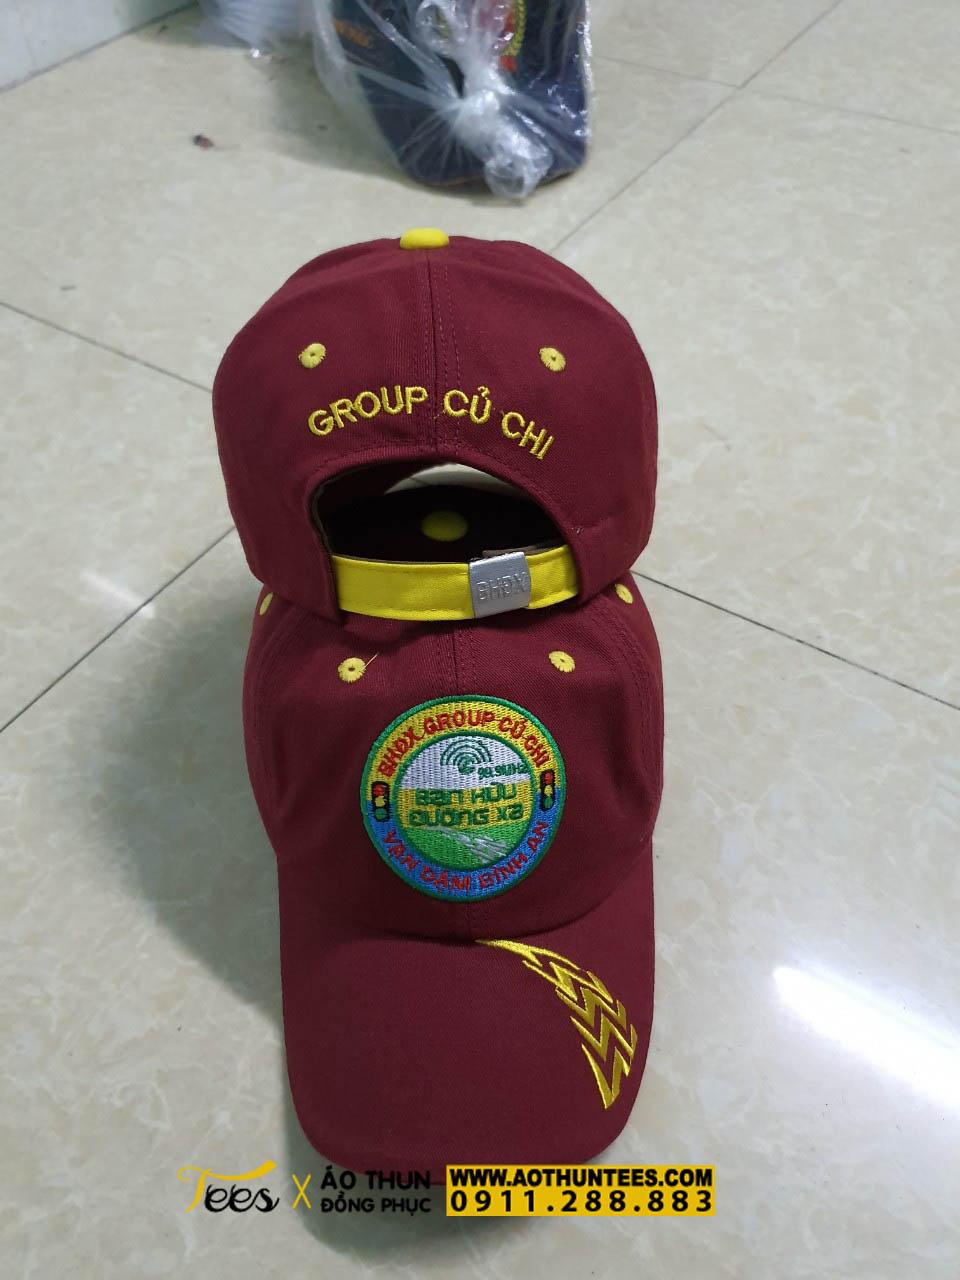 d98ac3a5be73592d0062 - Giới thiệu về đồng phục nón